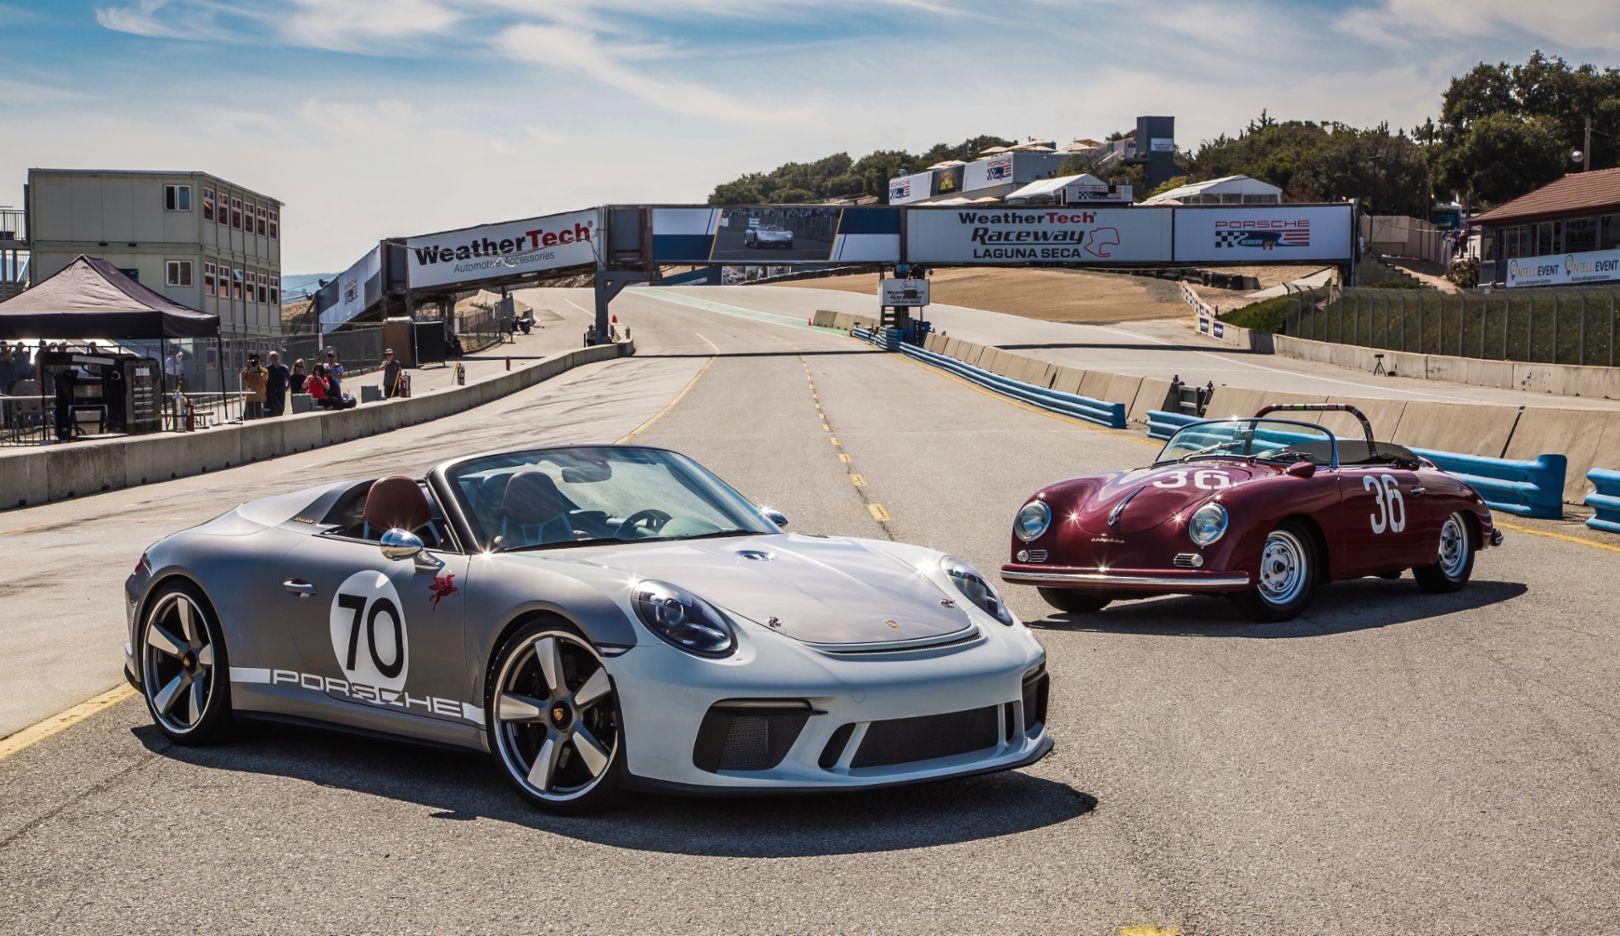 911 Speedster Concept, Rennsport Reunion VI, Weathertech Raceway Laguna Seca, 2018, Porsche AG